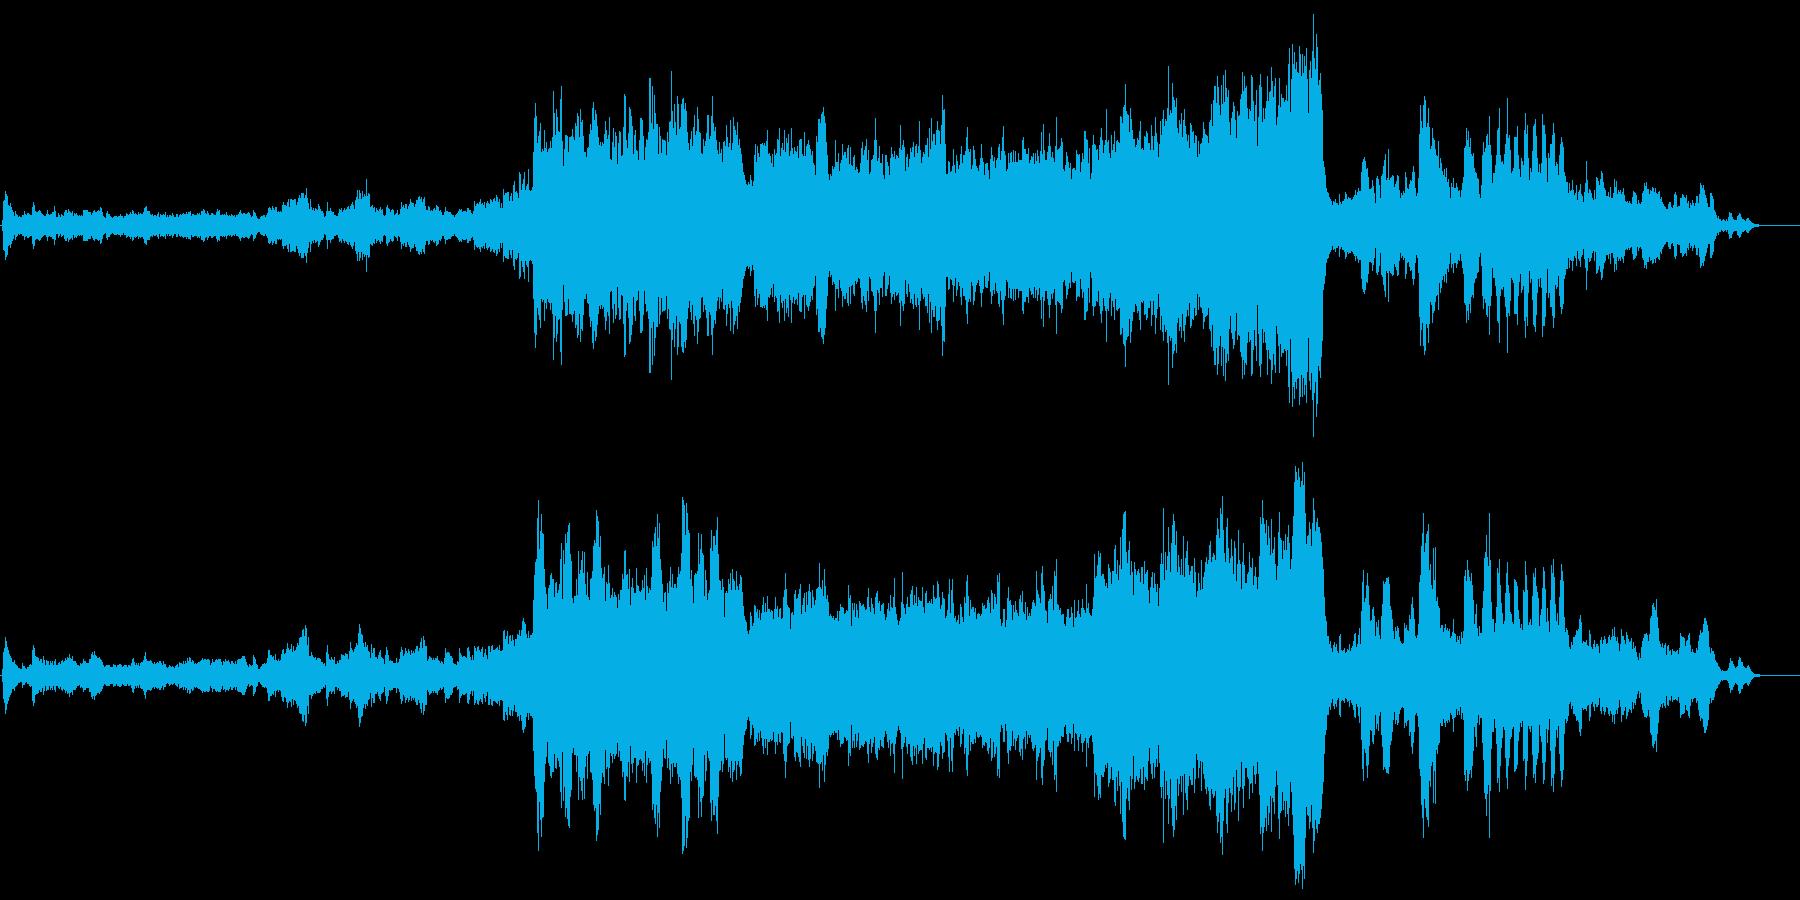 白鳥の湖『情景』  オーケストラの再生済みの波形